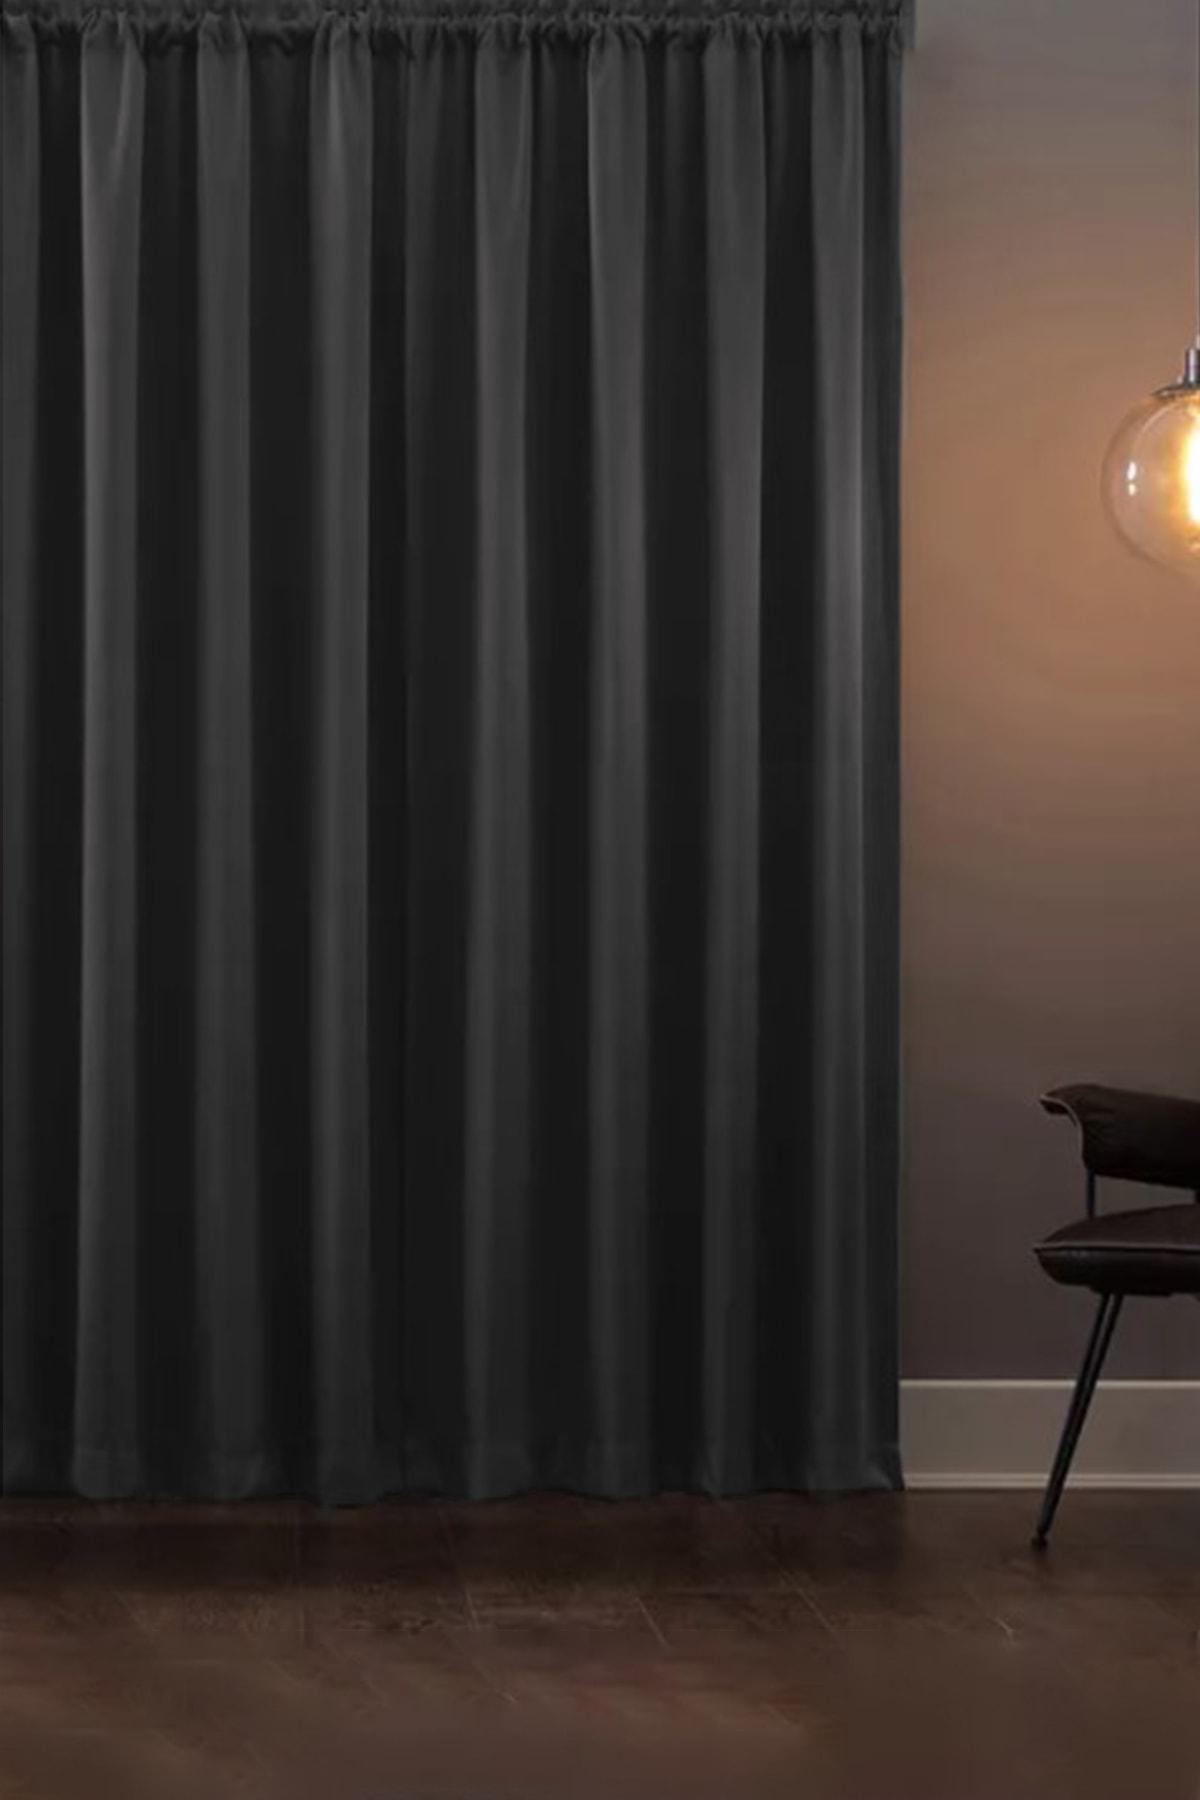 Blackout Işık Geçirmez Fon Perde V-14 Füme Pilesiz Ekstraforlu Karartma Güneşlik